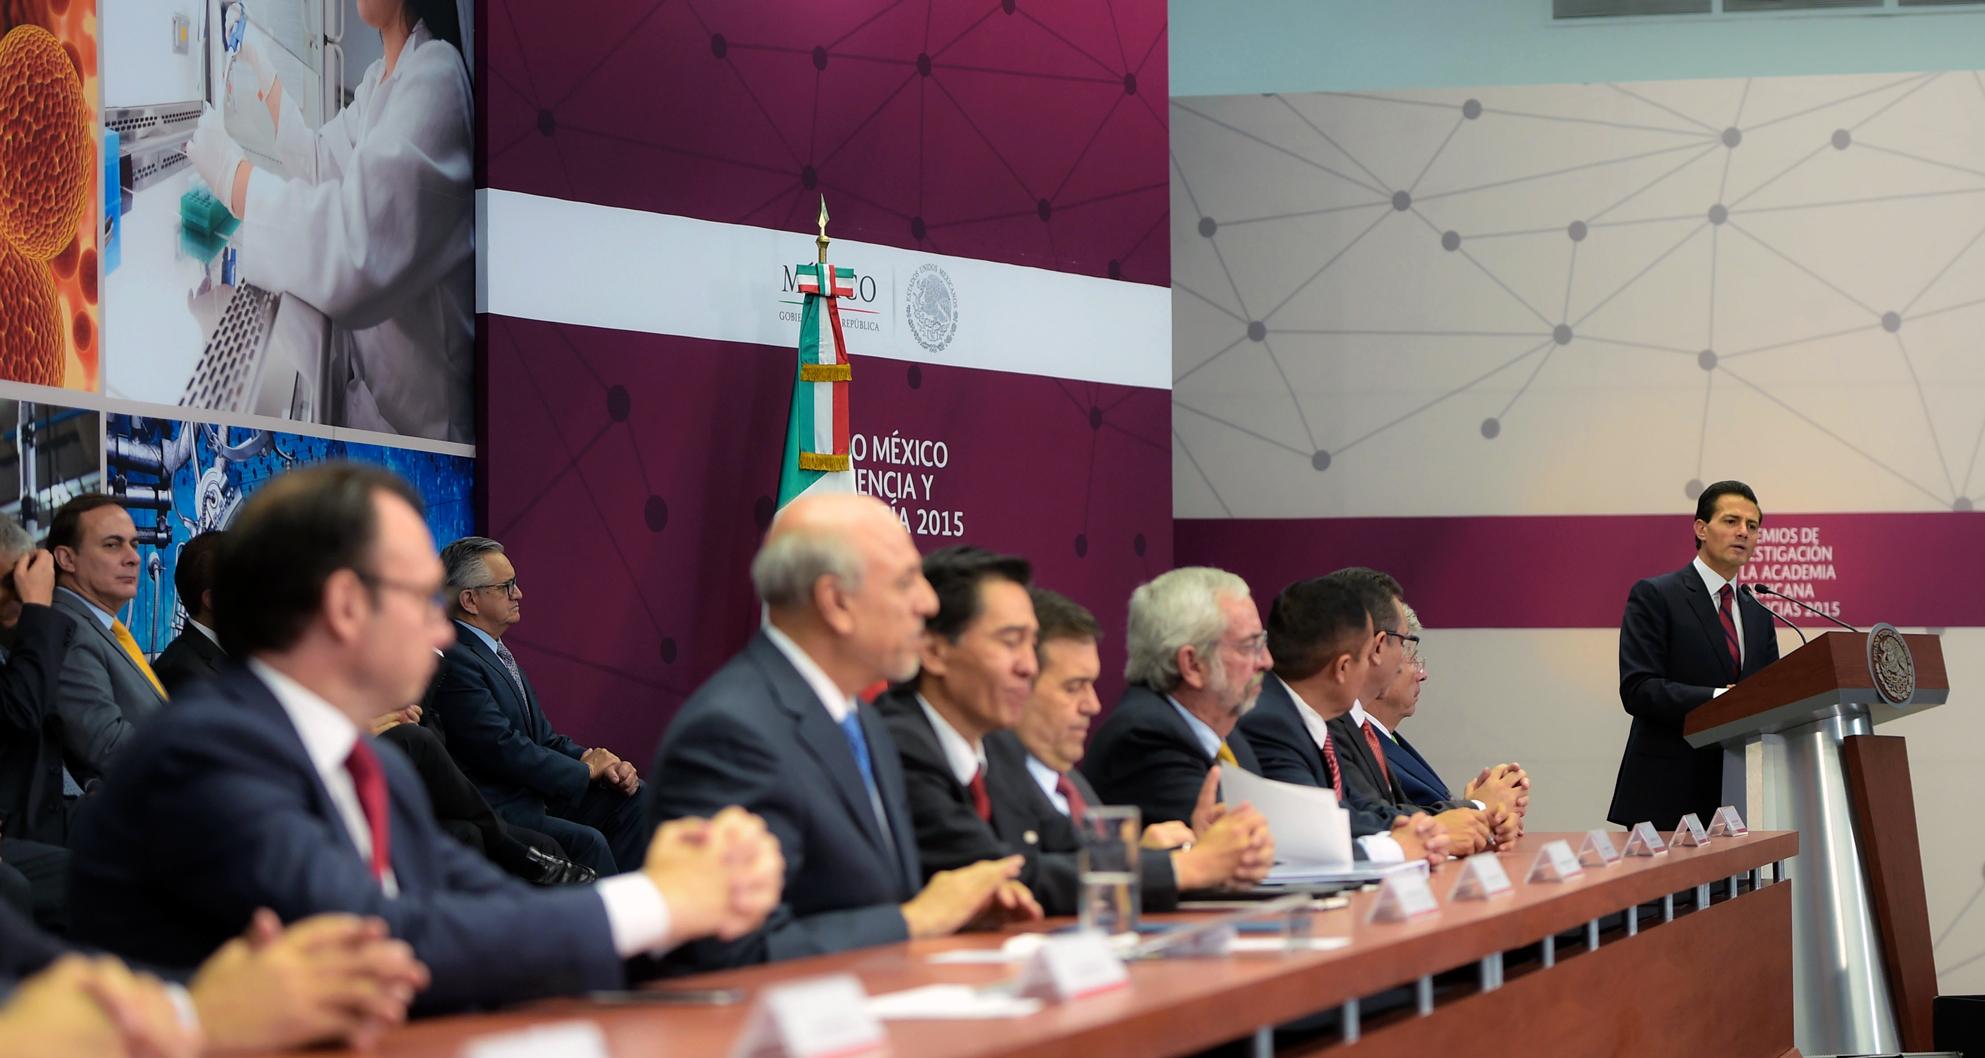 """""""Un país con el tamaño, la riqueza y la apertura de México, necesariamente tiene que ser parte activa de las tendencias globales de innovación y creación de valor""""."""